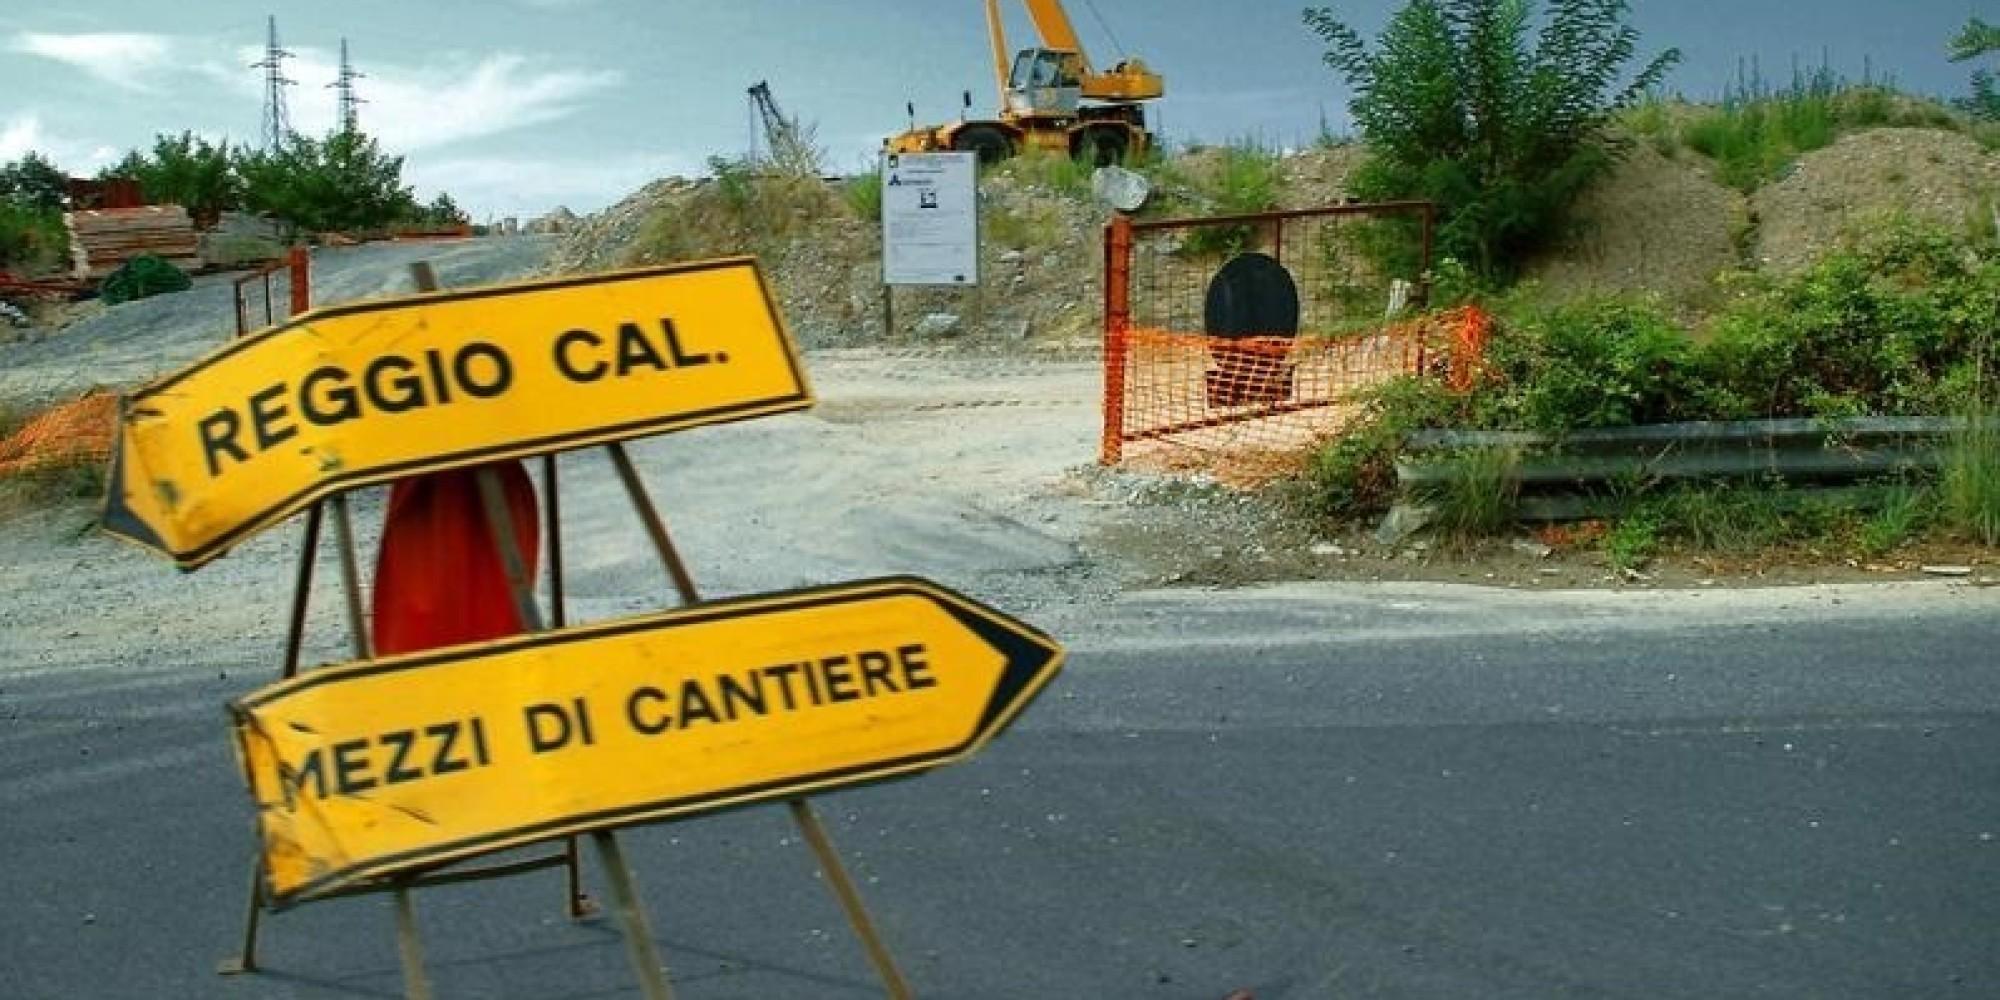 deviazioni e lavori sulla A3, autostrada Salerno - Reggio Calabria